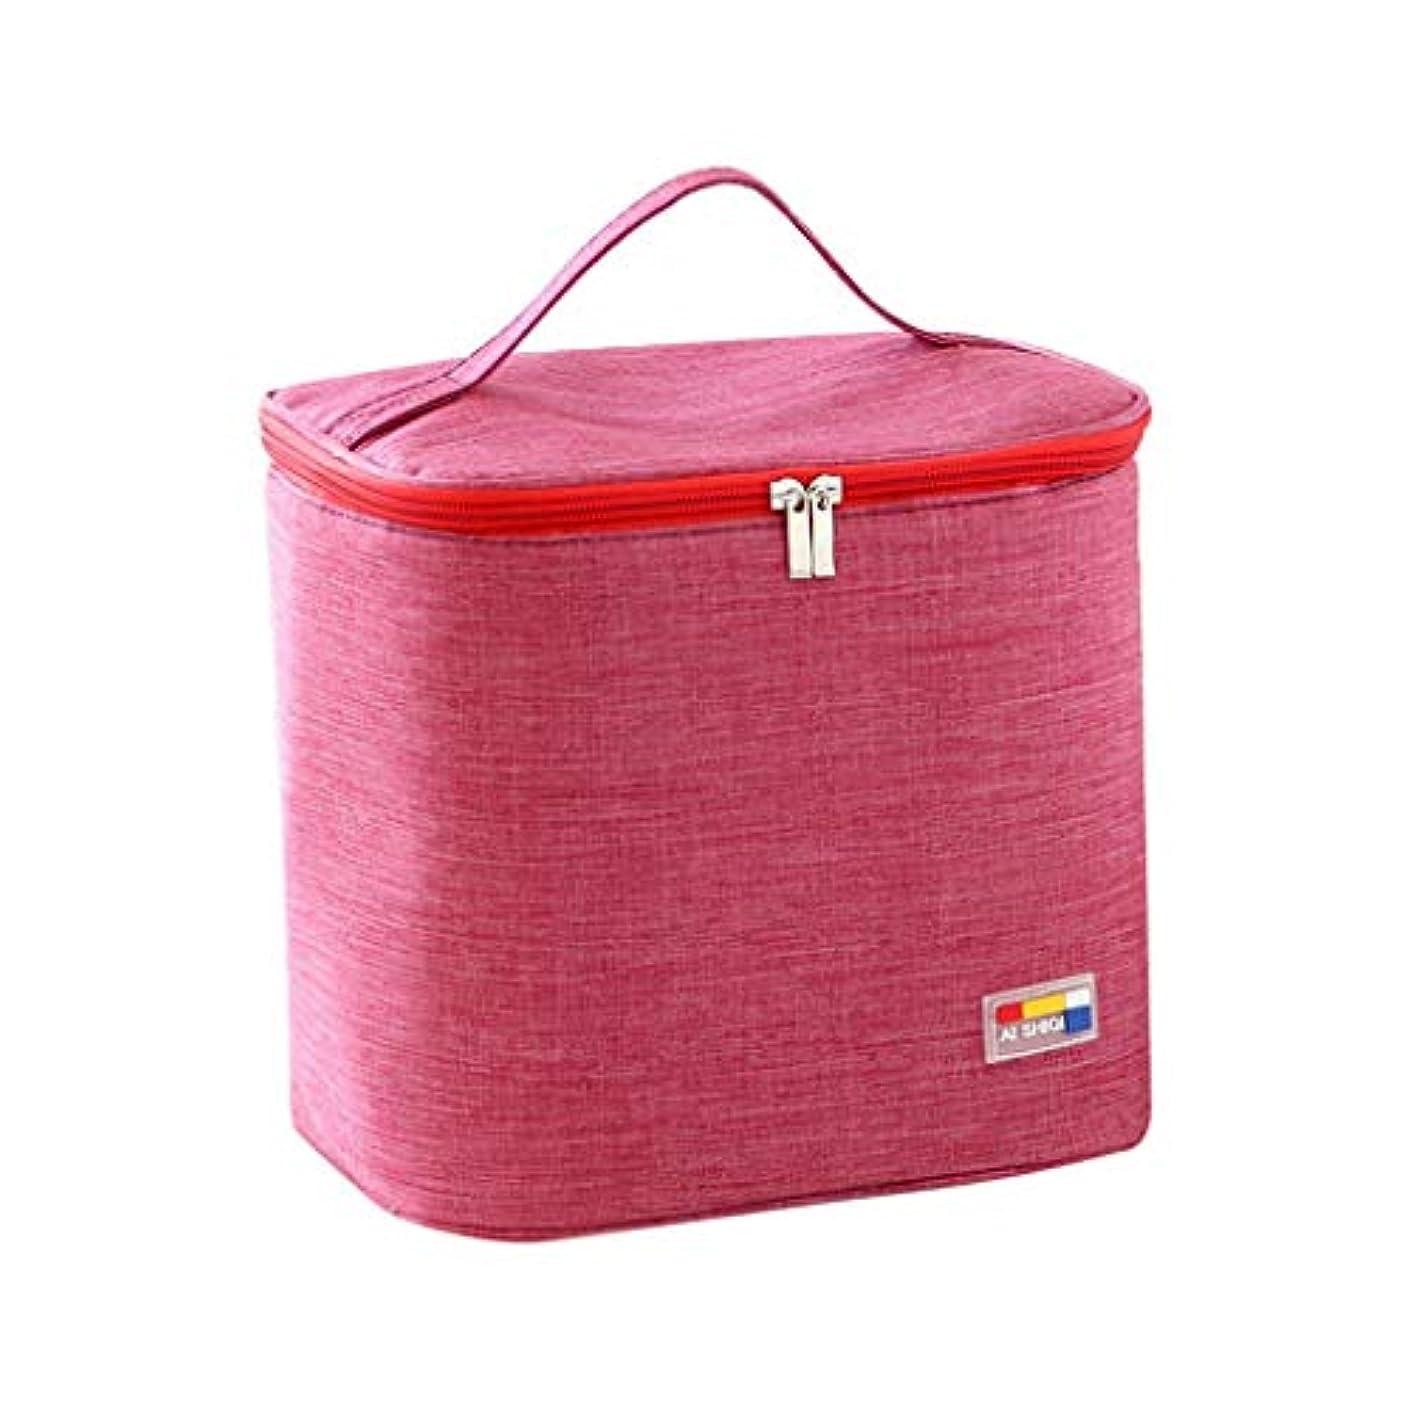 それるプライバシー人専用ランチバッグトートバッグ断熱性を向上キャンプに適していますシンプルなバッグイージーファッション絶縁バッグ冷蔵バッグポケットを描く冷却ハンドバッグ防水ハンドバッグ (A)